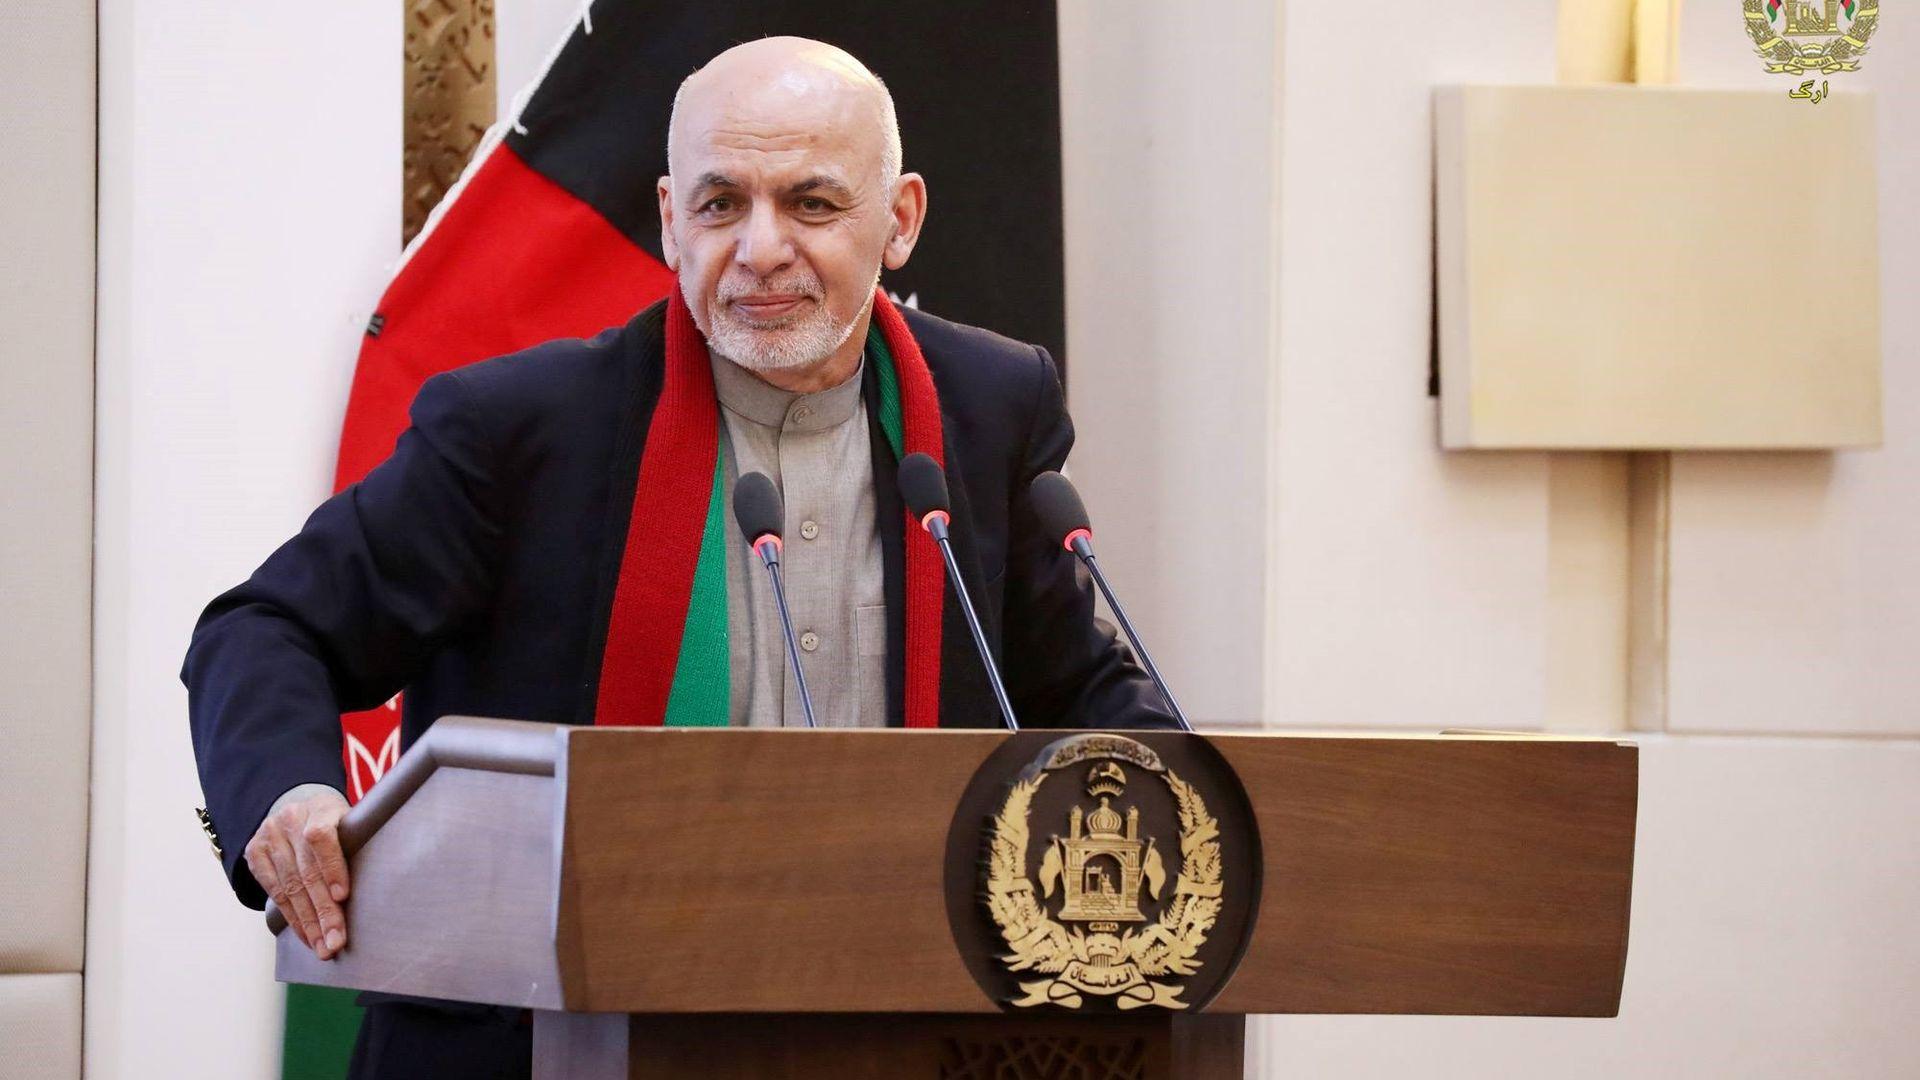 Ashfraf Ghani at a lectern